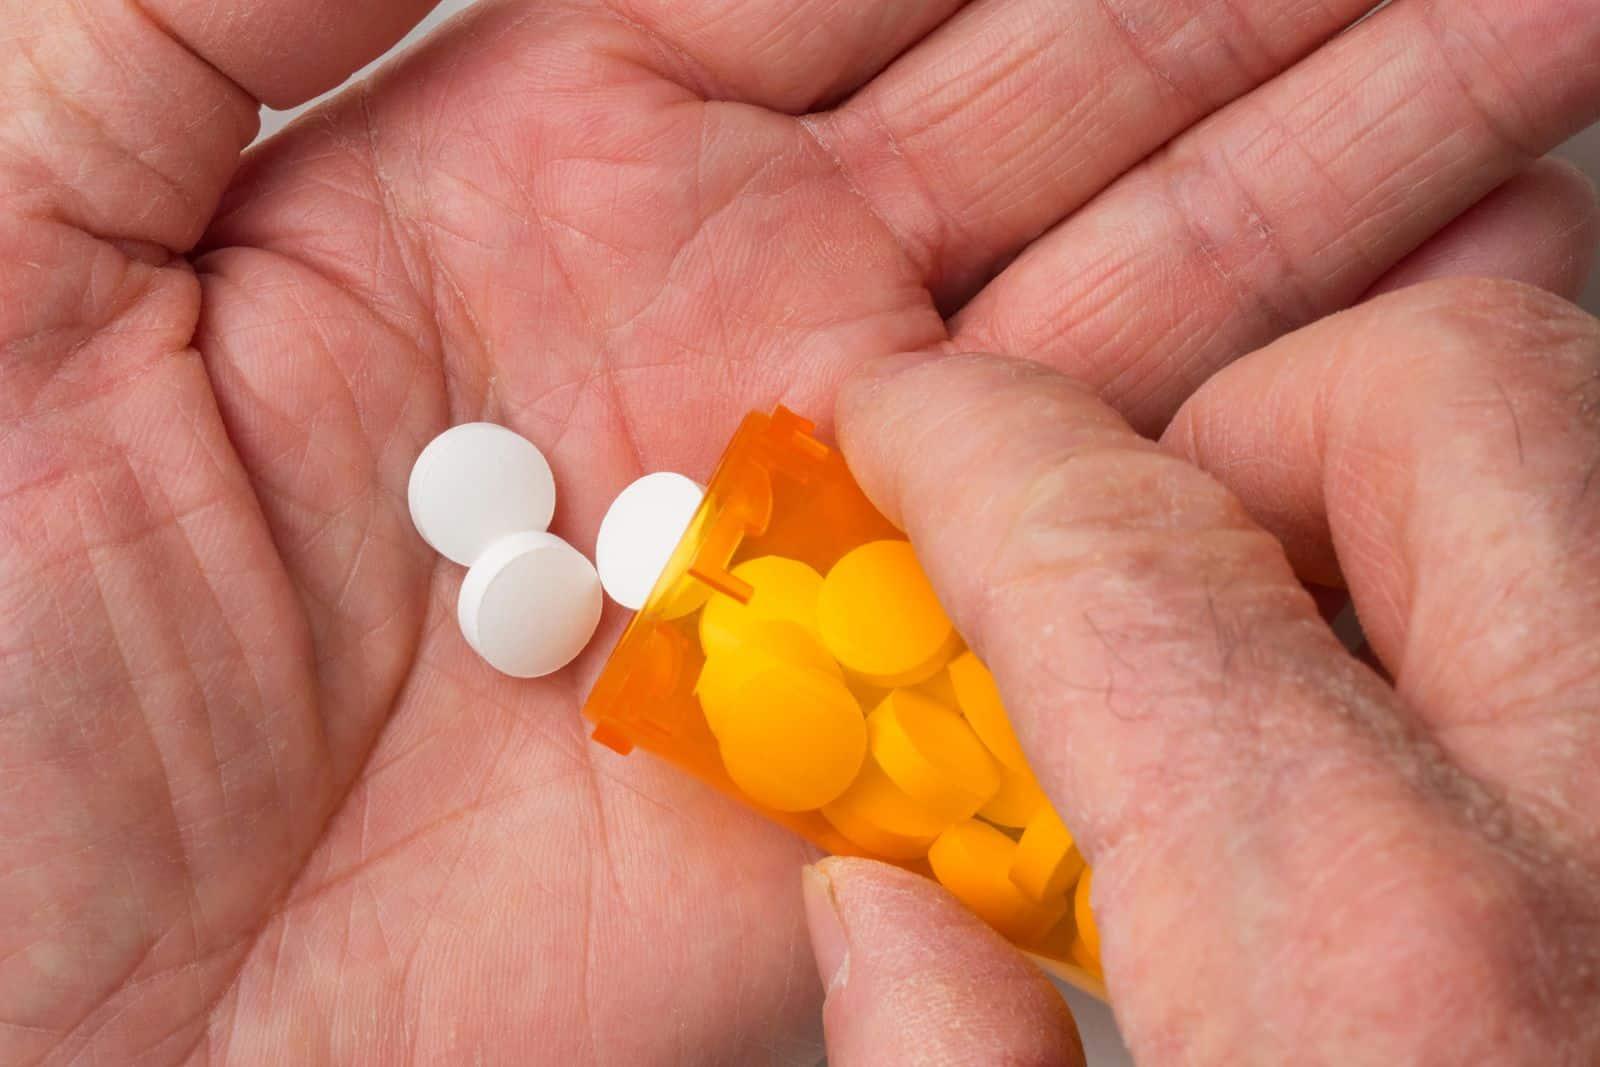 Memilih-Obat-yang-Bersifat-Sustained-Release